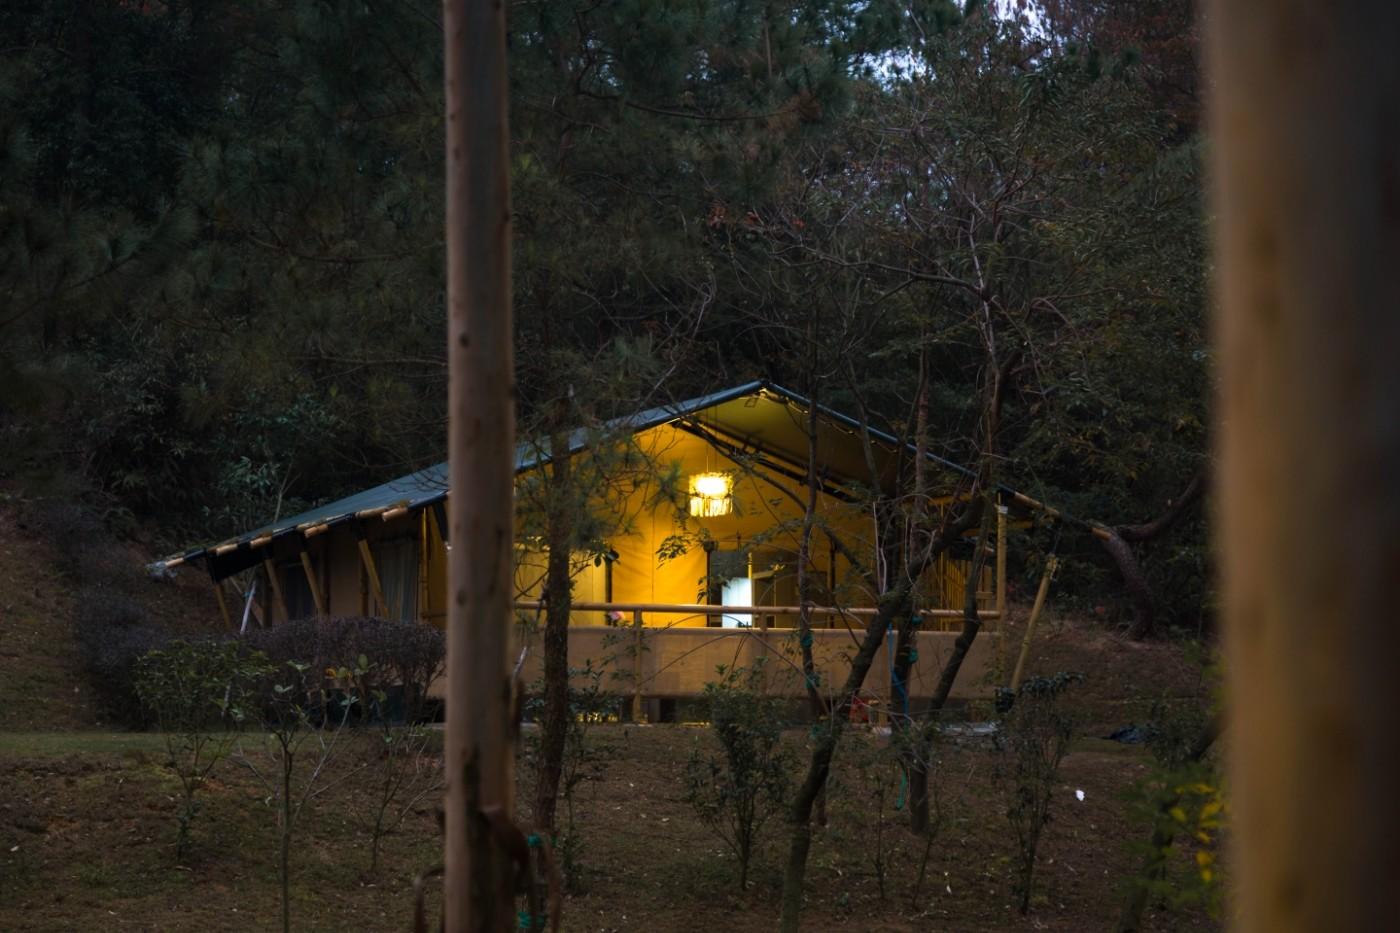 喜马拉雅野奢帐篷酒店—广州北迹露营平地帐篷酒店13